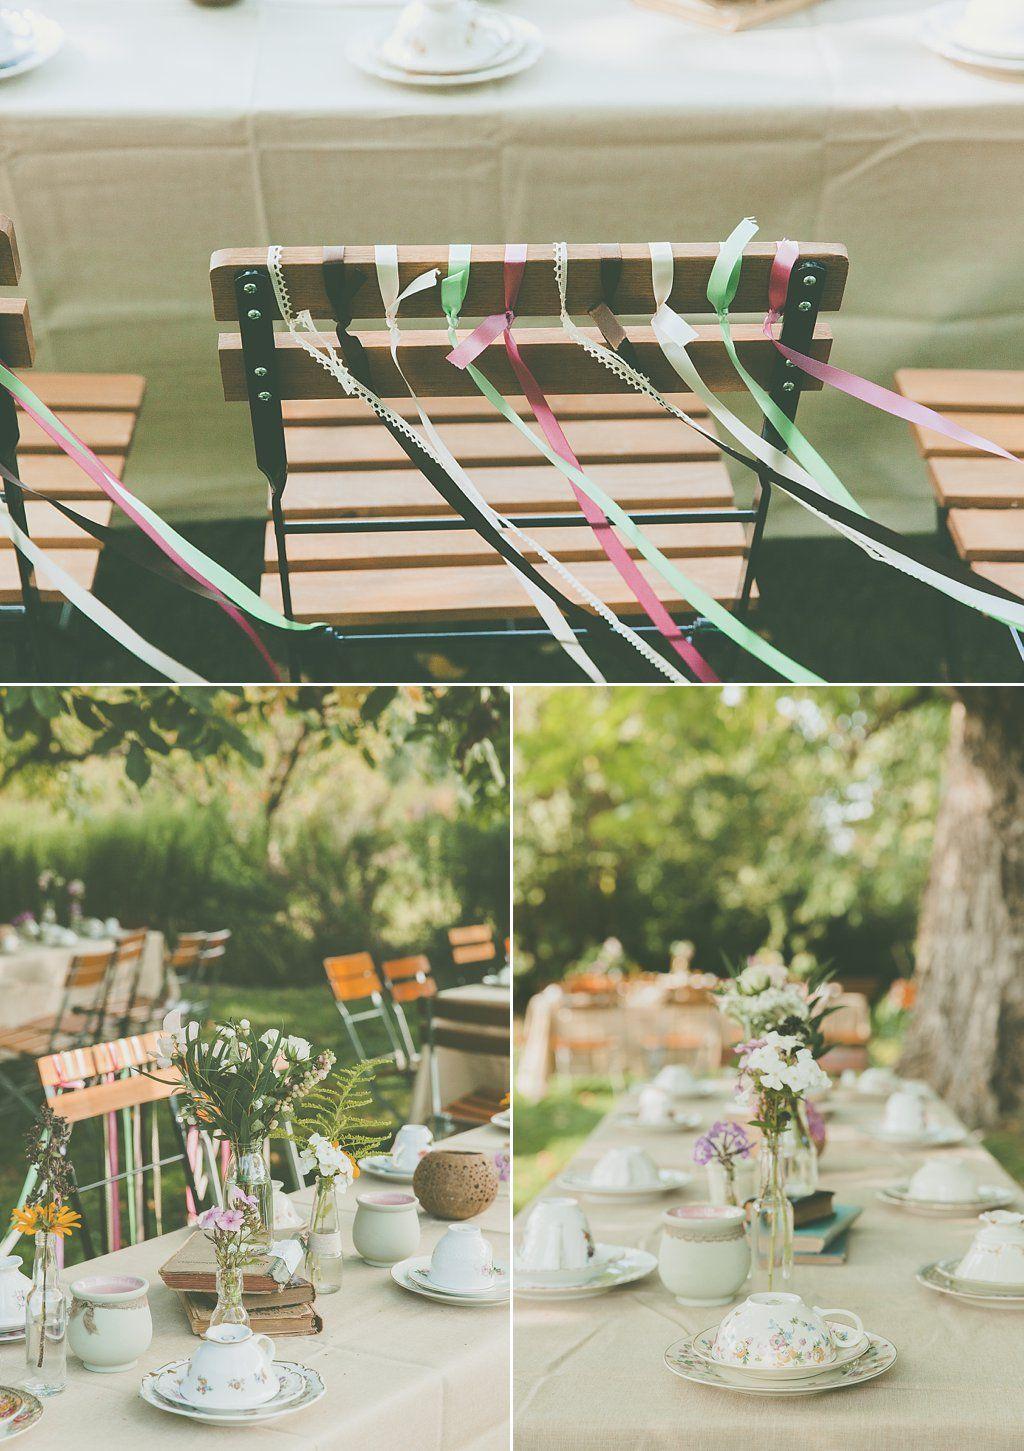 eine alte scheune mitten im gr nen ein traumhafter garten mit wiesenblumen und schattigen. Black Bedroom Furniture Sets. Home Design Ideas